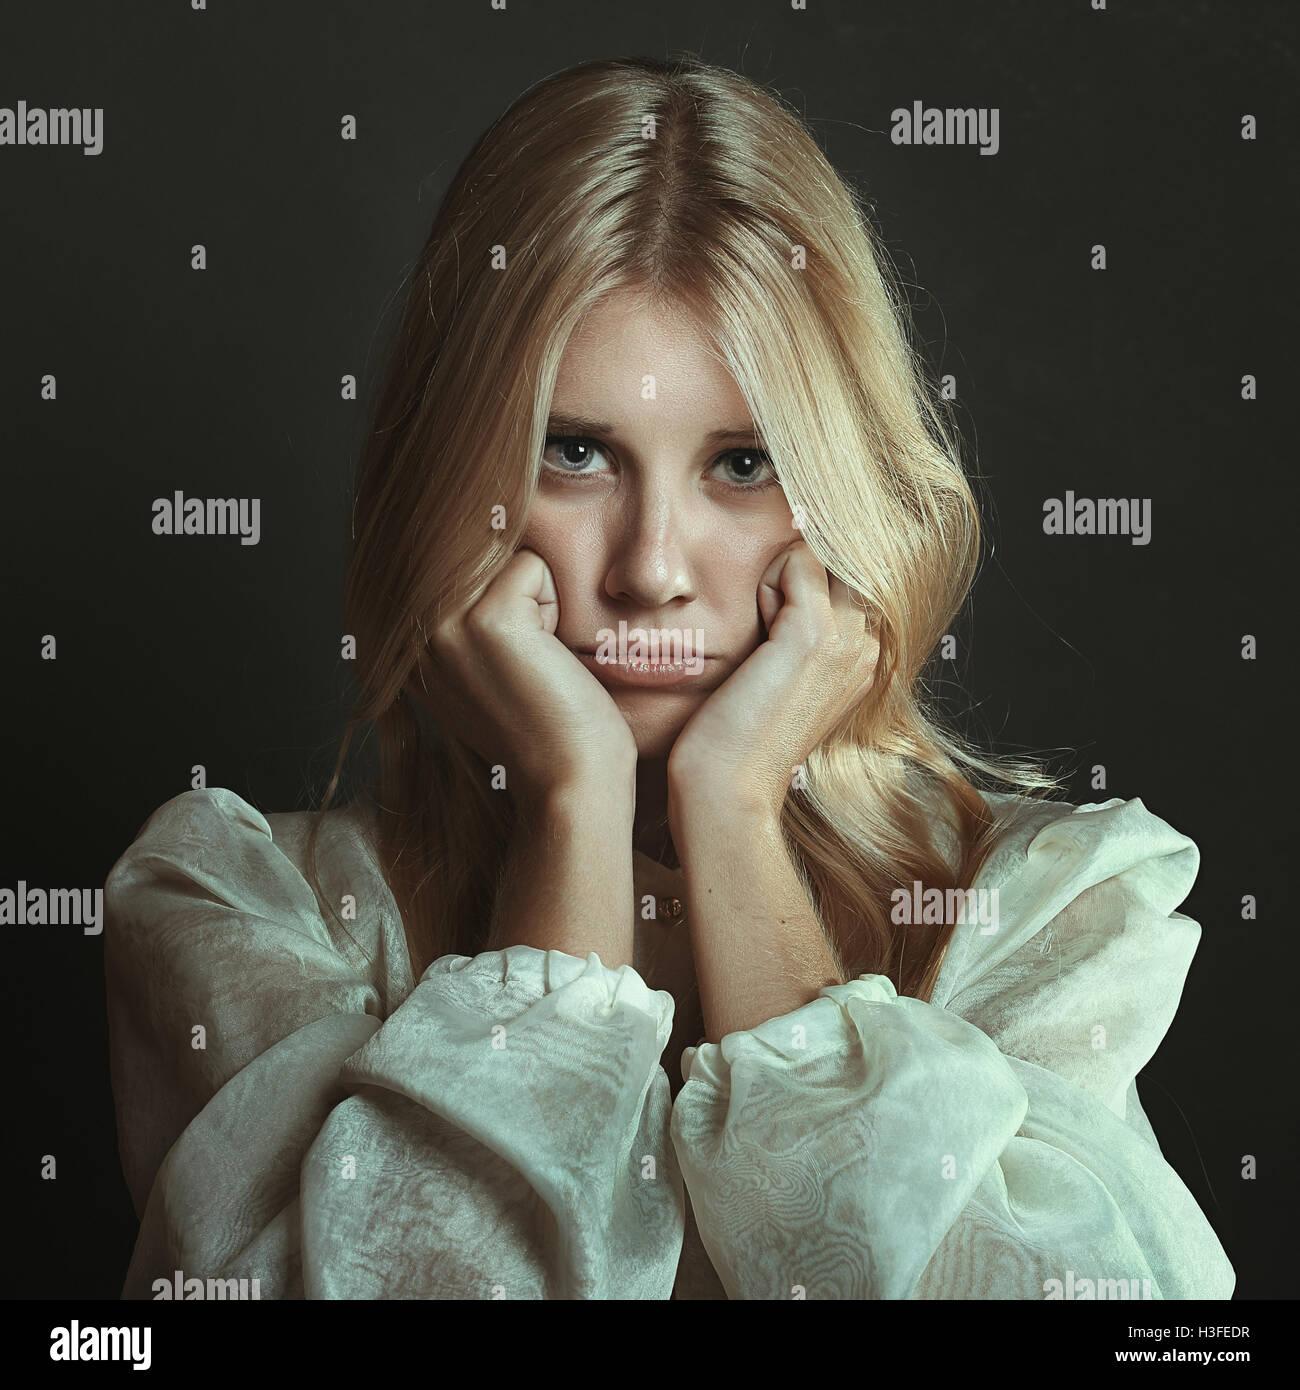 Schöne Mädchen mit sulky Ausdruck. Dunkle Porträt Stockbild